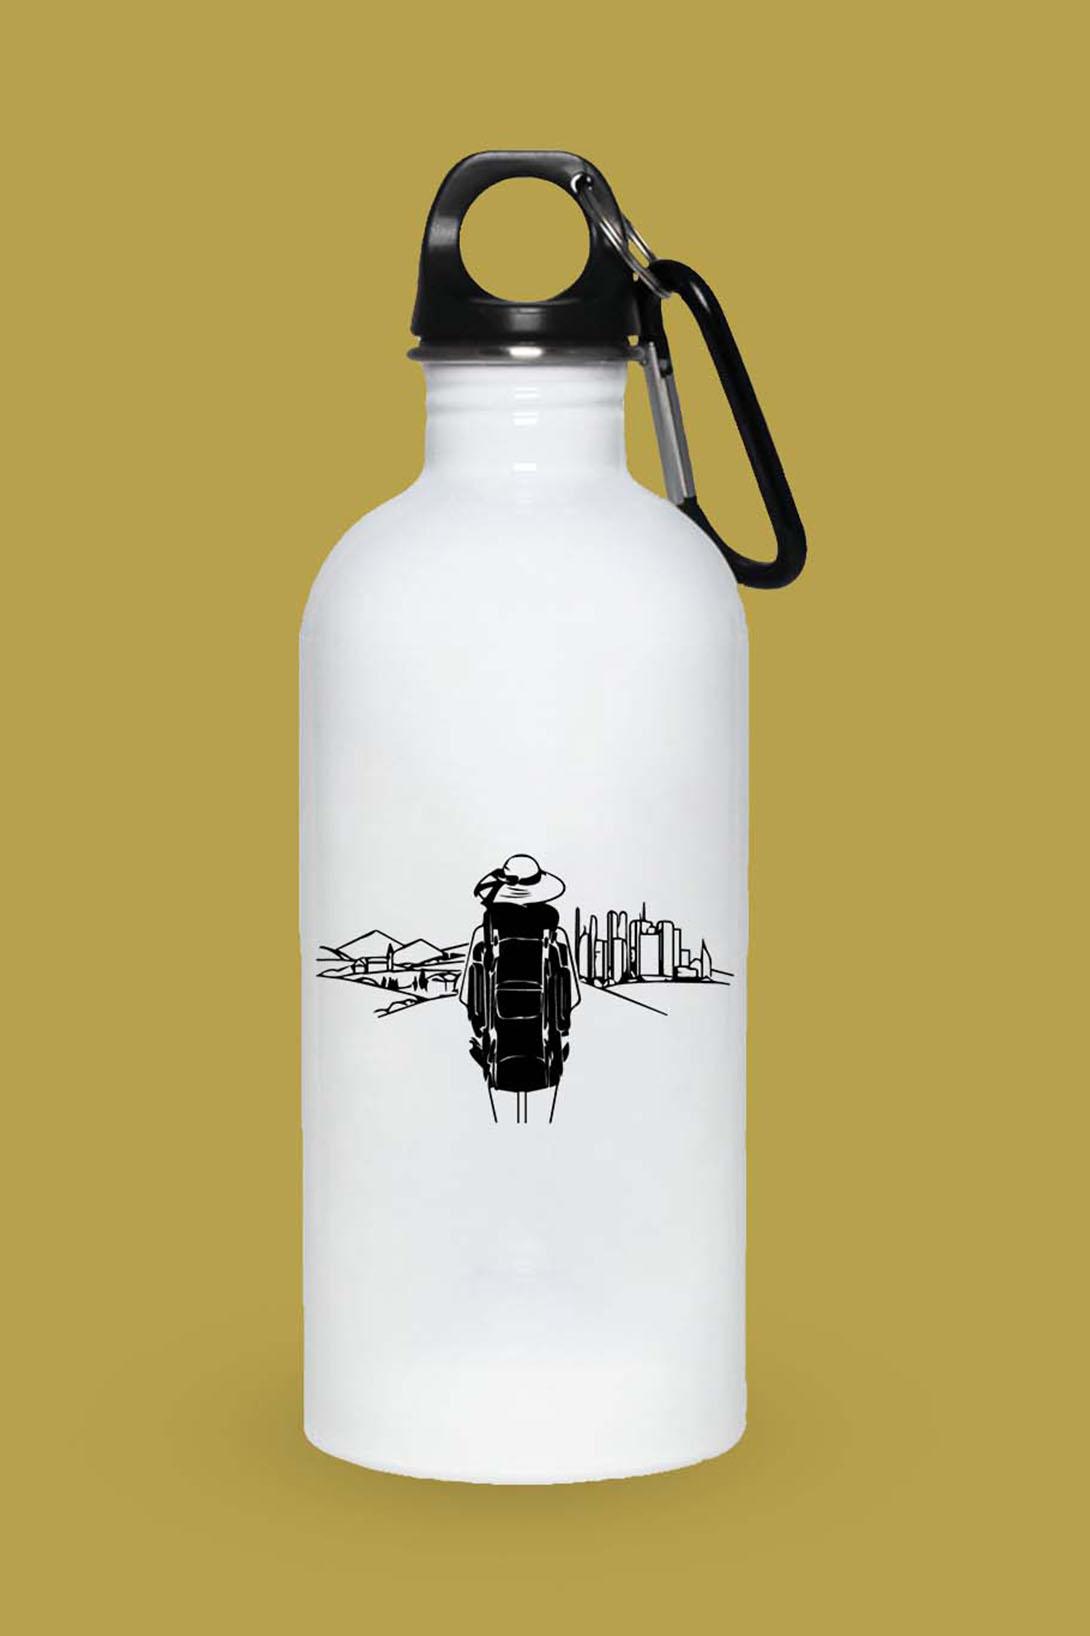 MMO Turistická fľaška Na cestách Objem fľaše: 400 ml